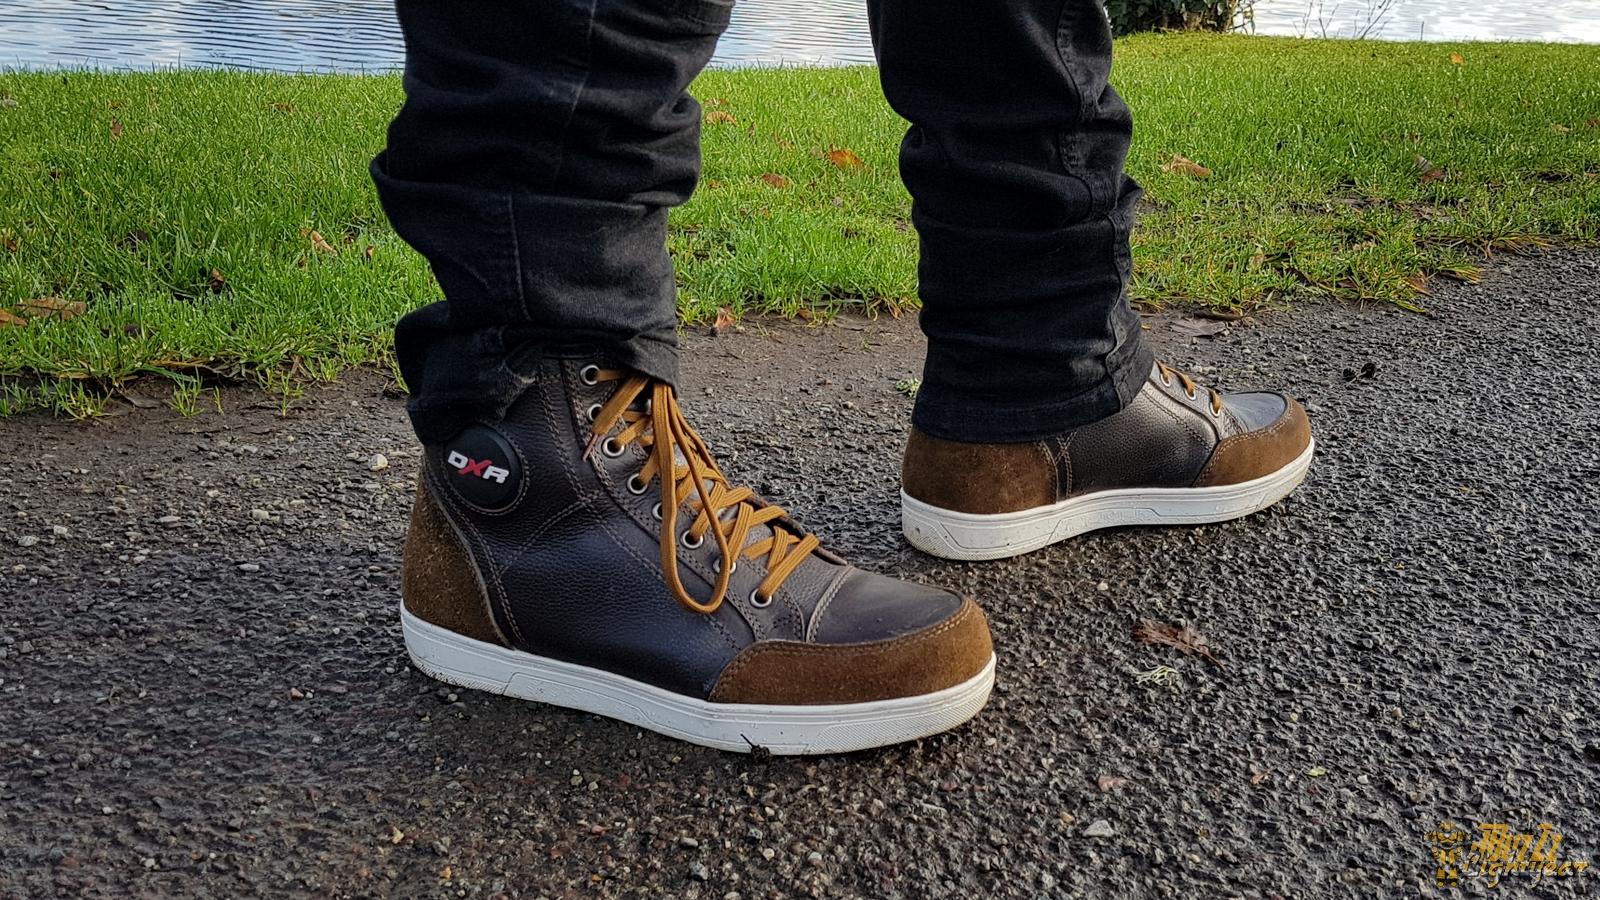 Chaussures DXR Santa Cruz, du style et une belle finition